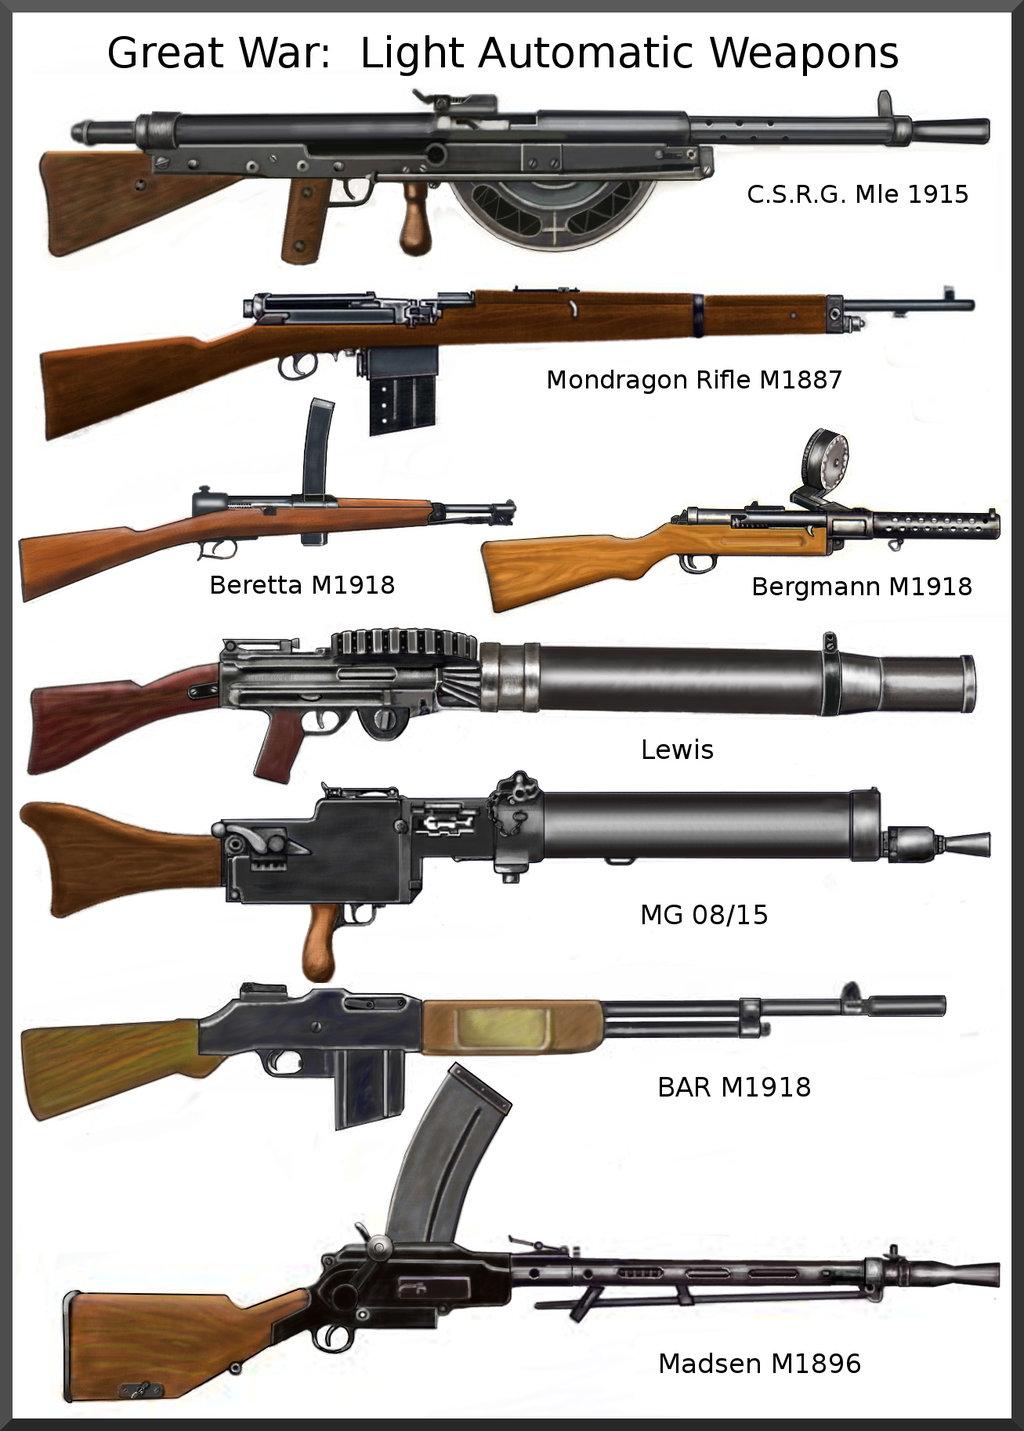 Drawn pistol ww1 gun Automatic WW1 WW1 on on